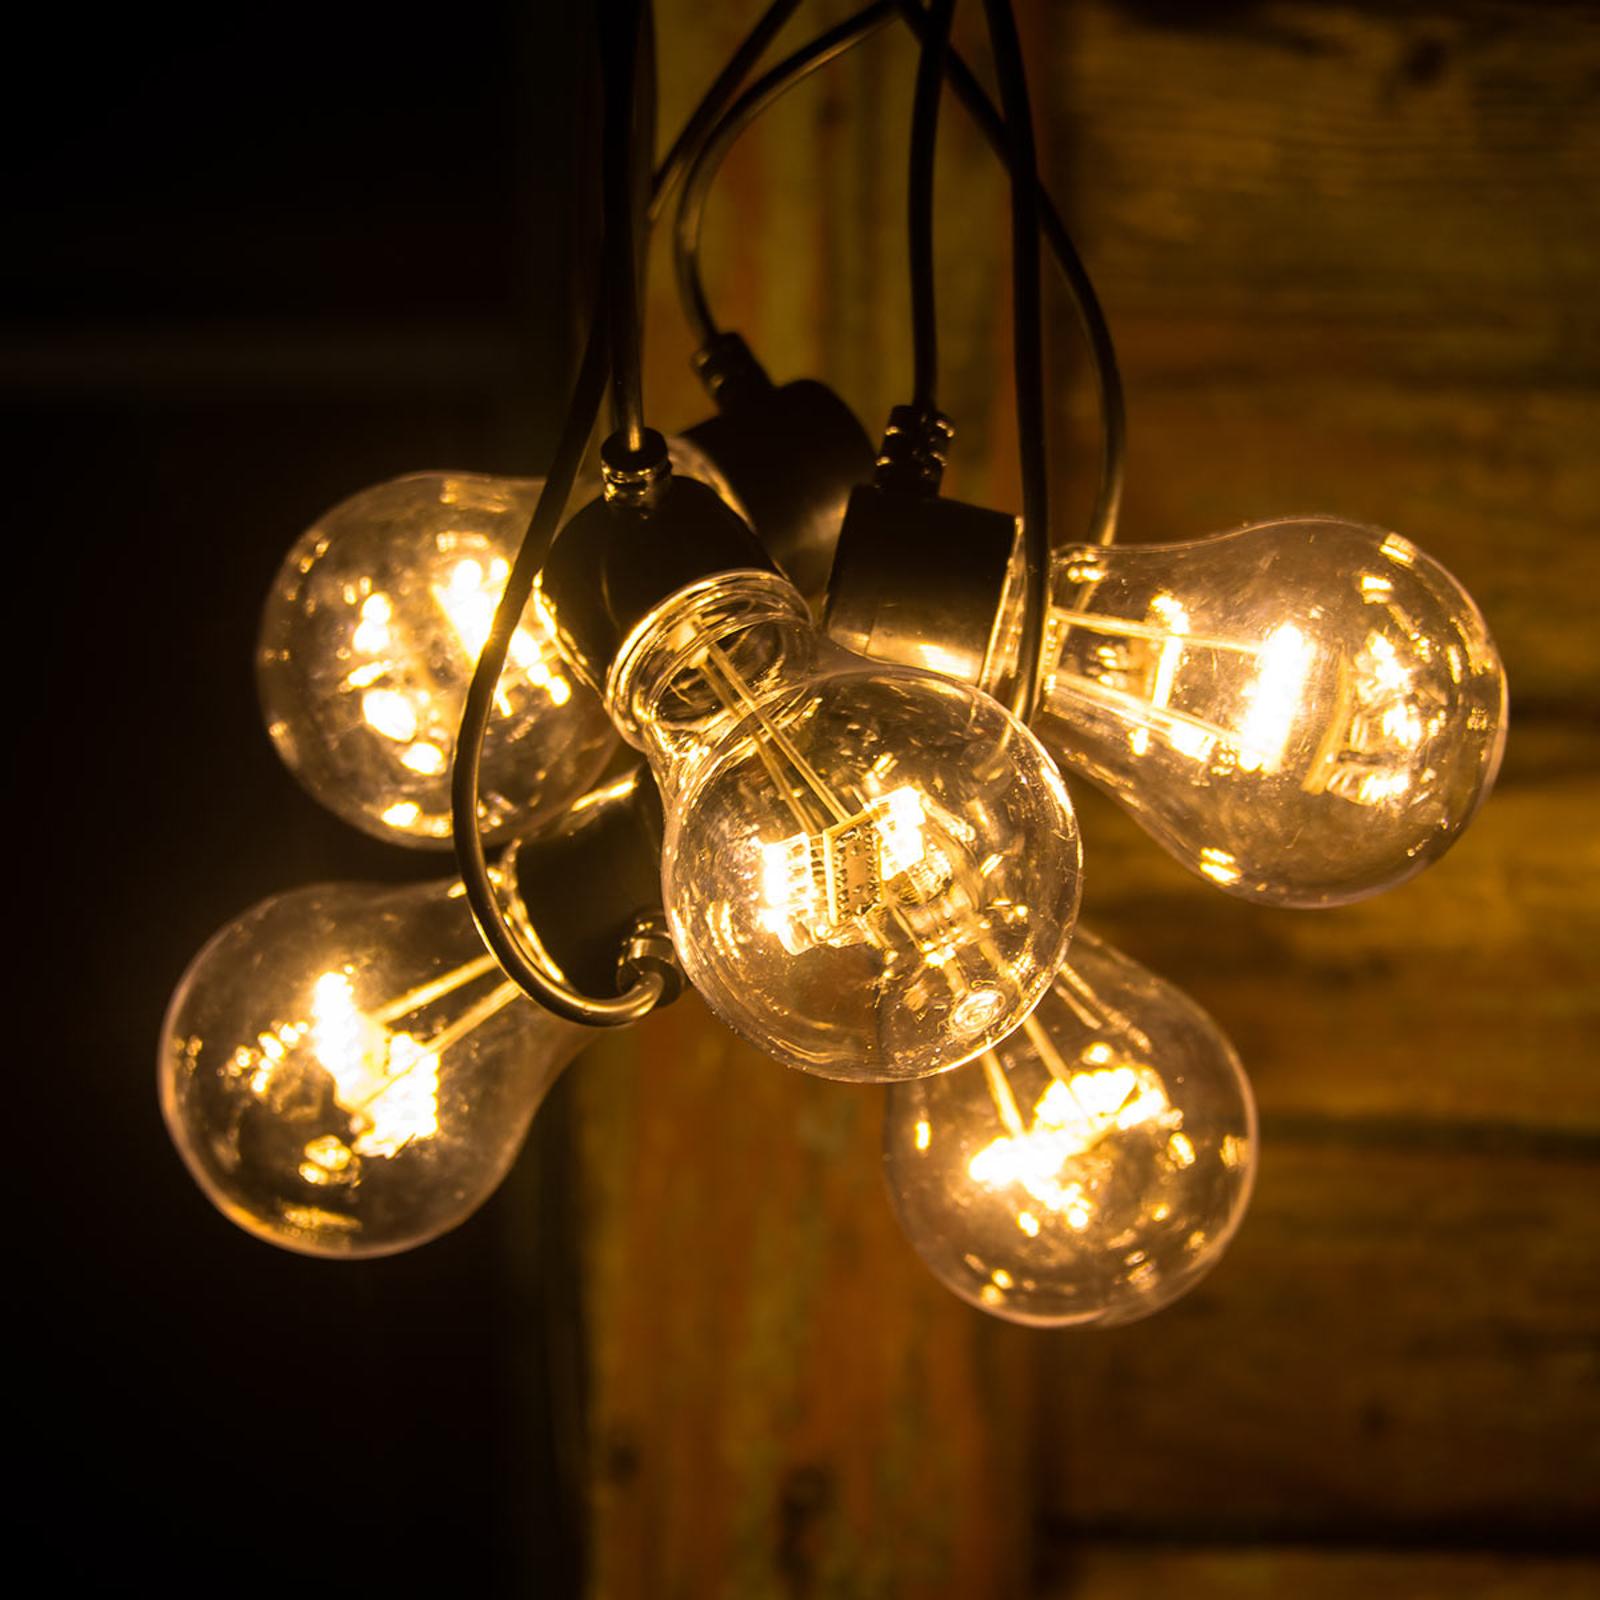 LED-ljusslinga glödtråds-look, bärnsten 5 lampor